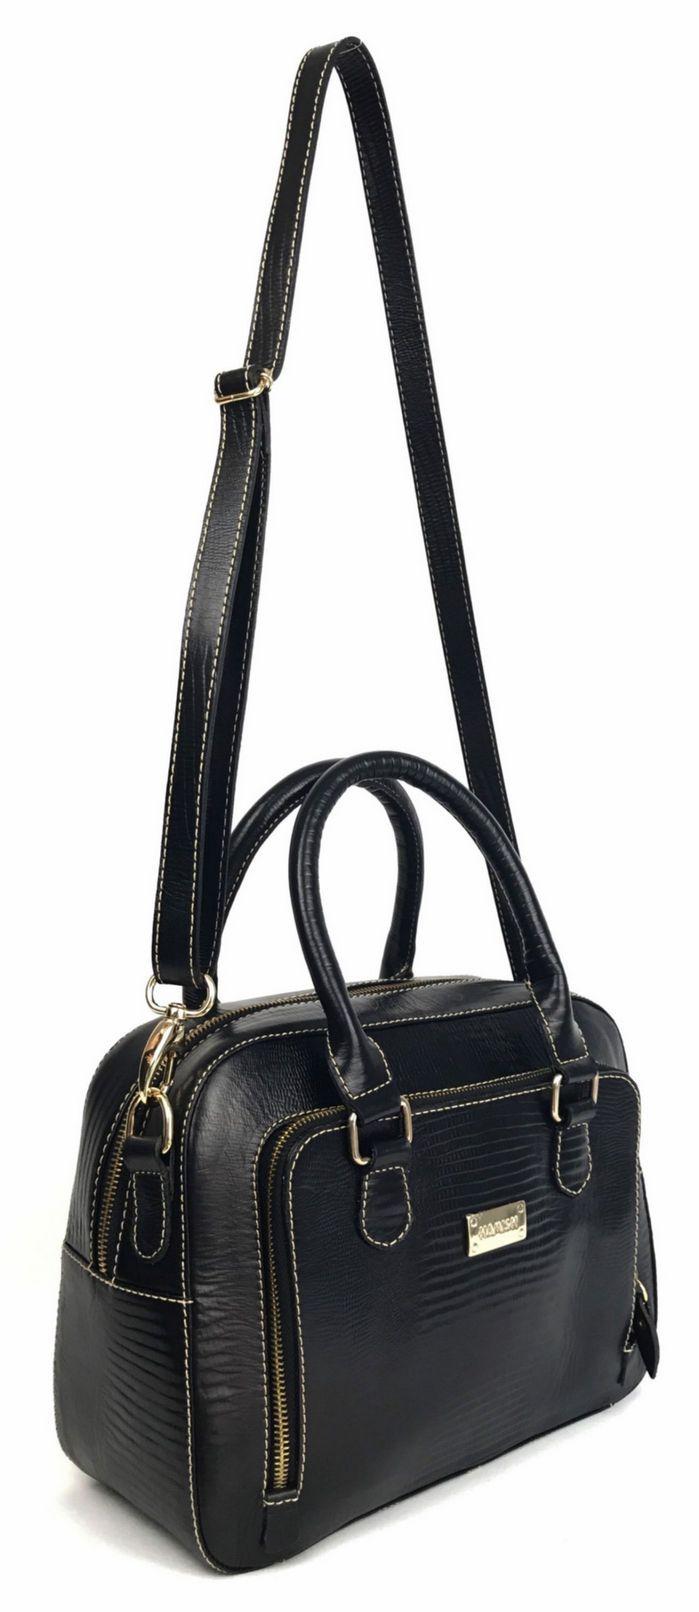 7e19b6e1f9b5c ... Bolsa feminina preta de couro preta média com alças de mão e transversal  HB661 | HAMISH